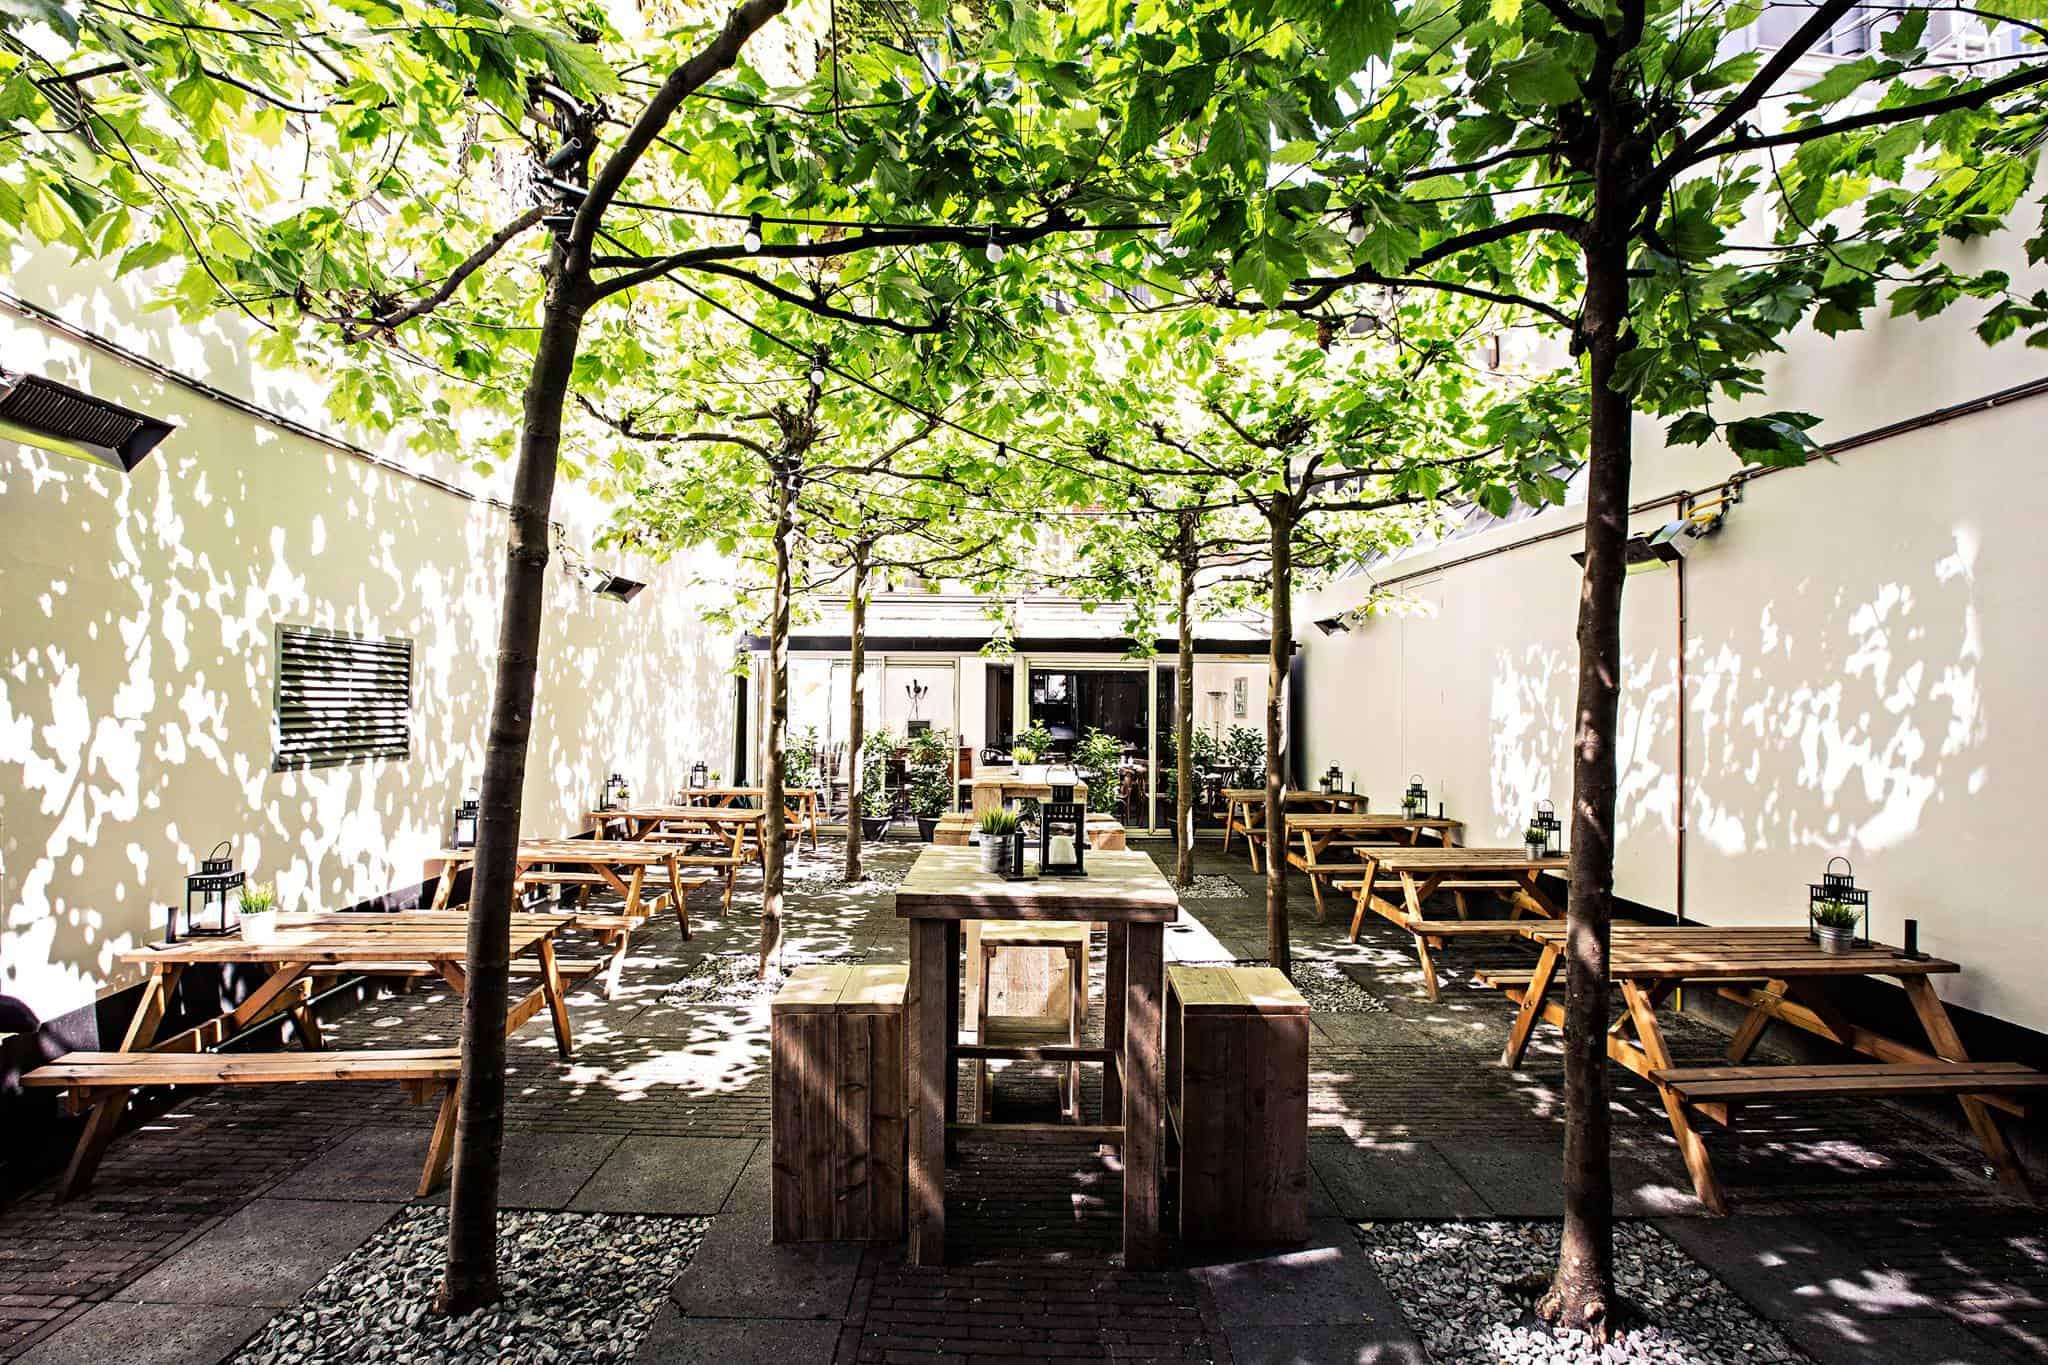 De mooiste terrassen van nederland met smaak francesca kookt for Lay outs terras van het restaurant